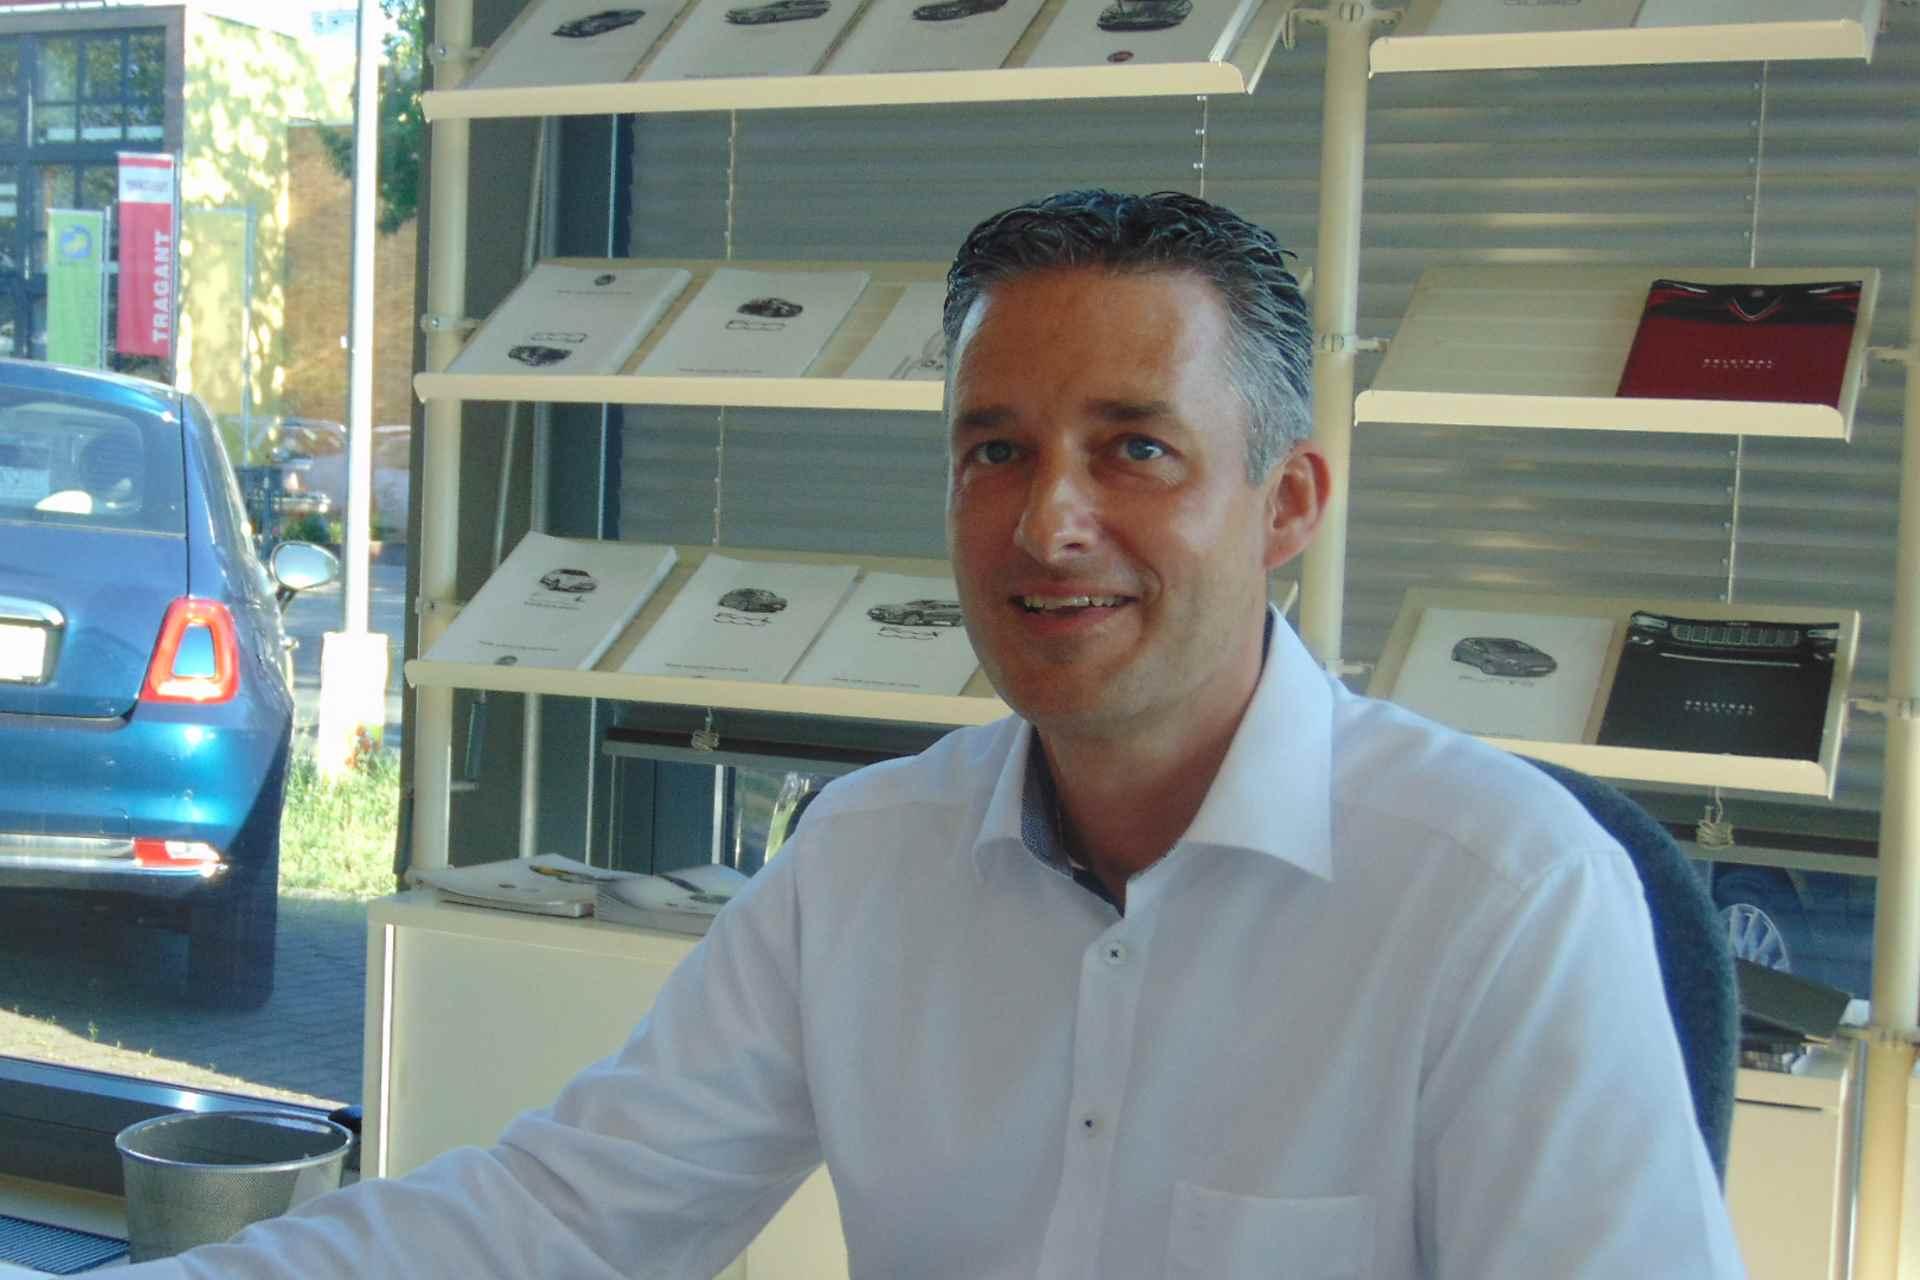 Fabian Schermer